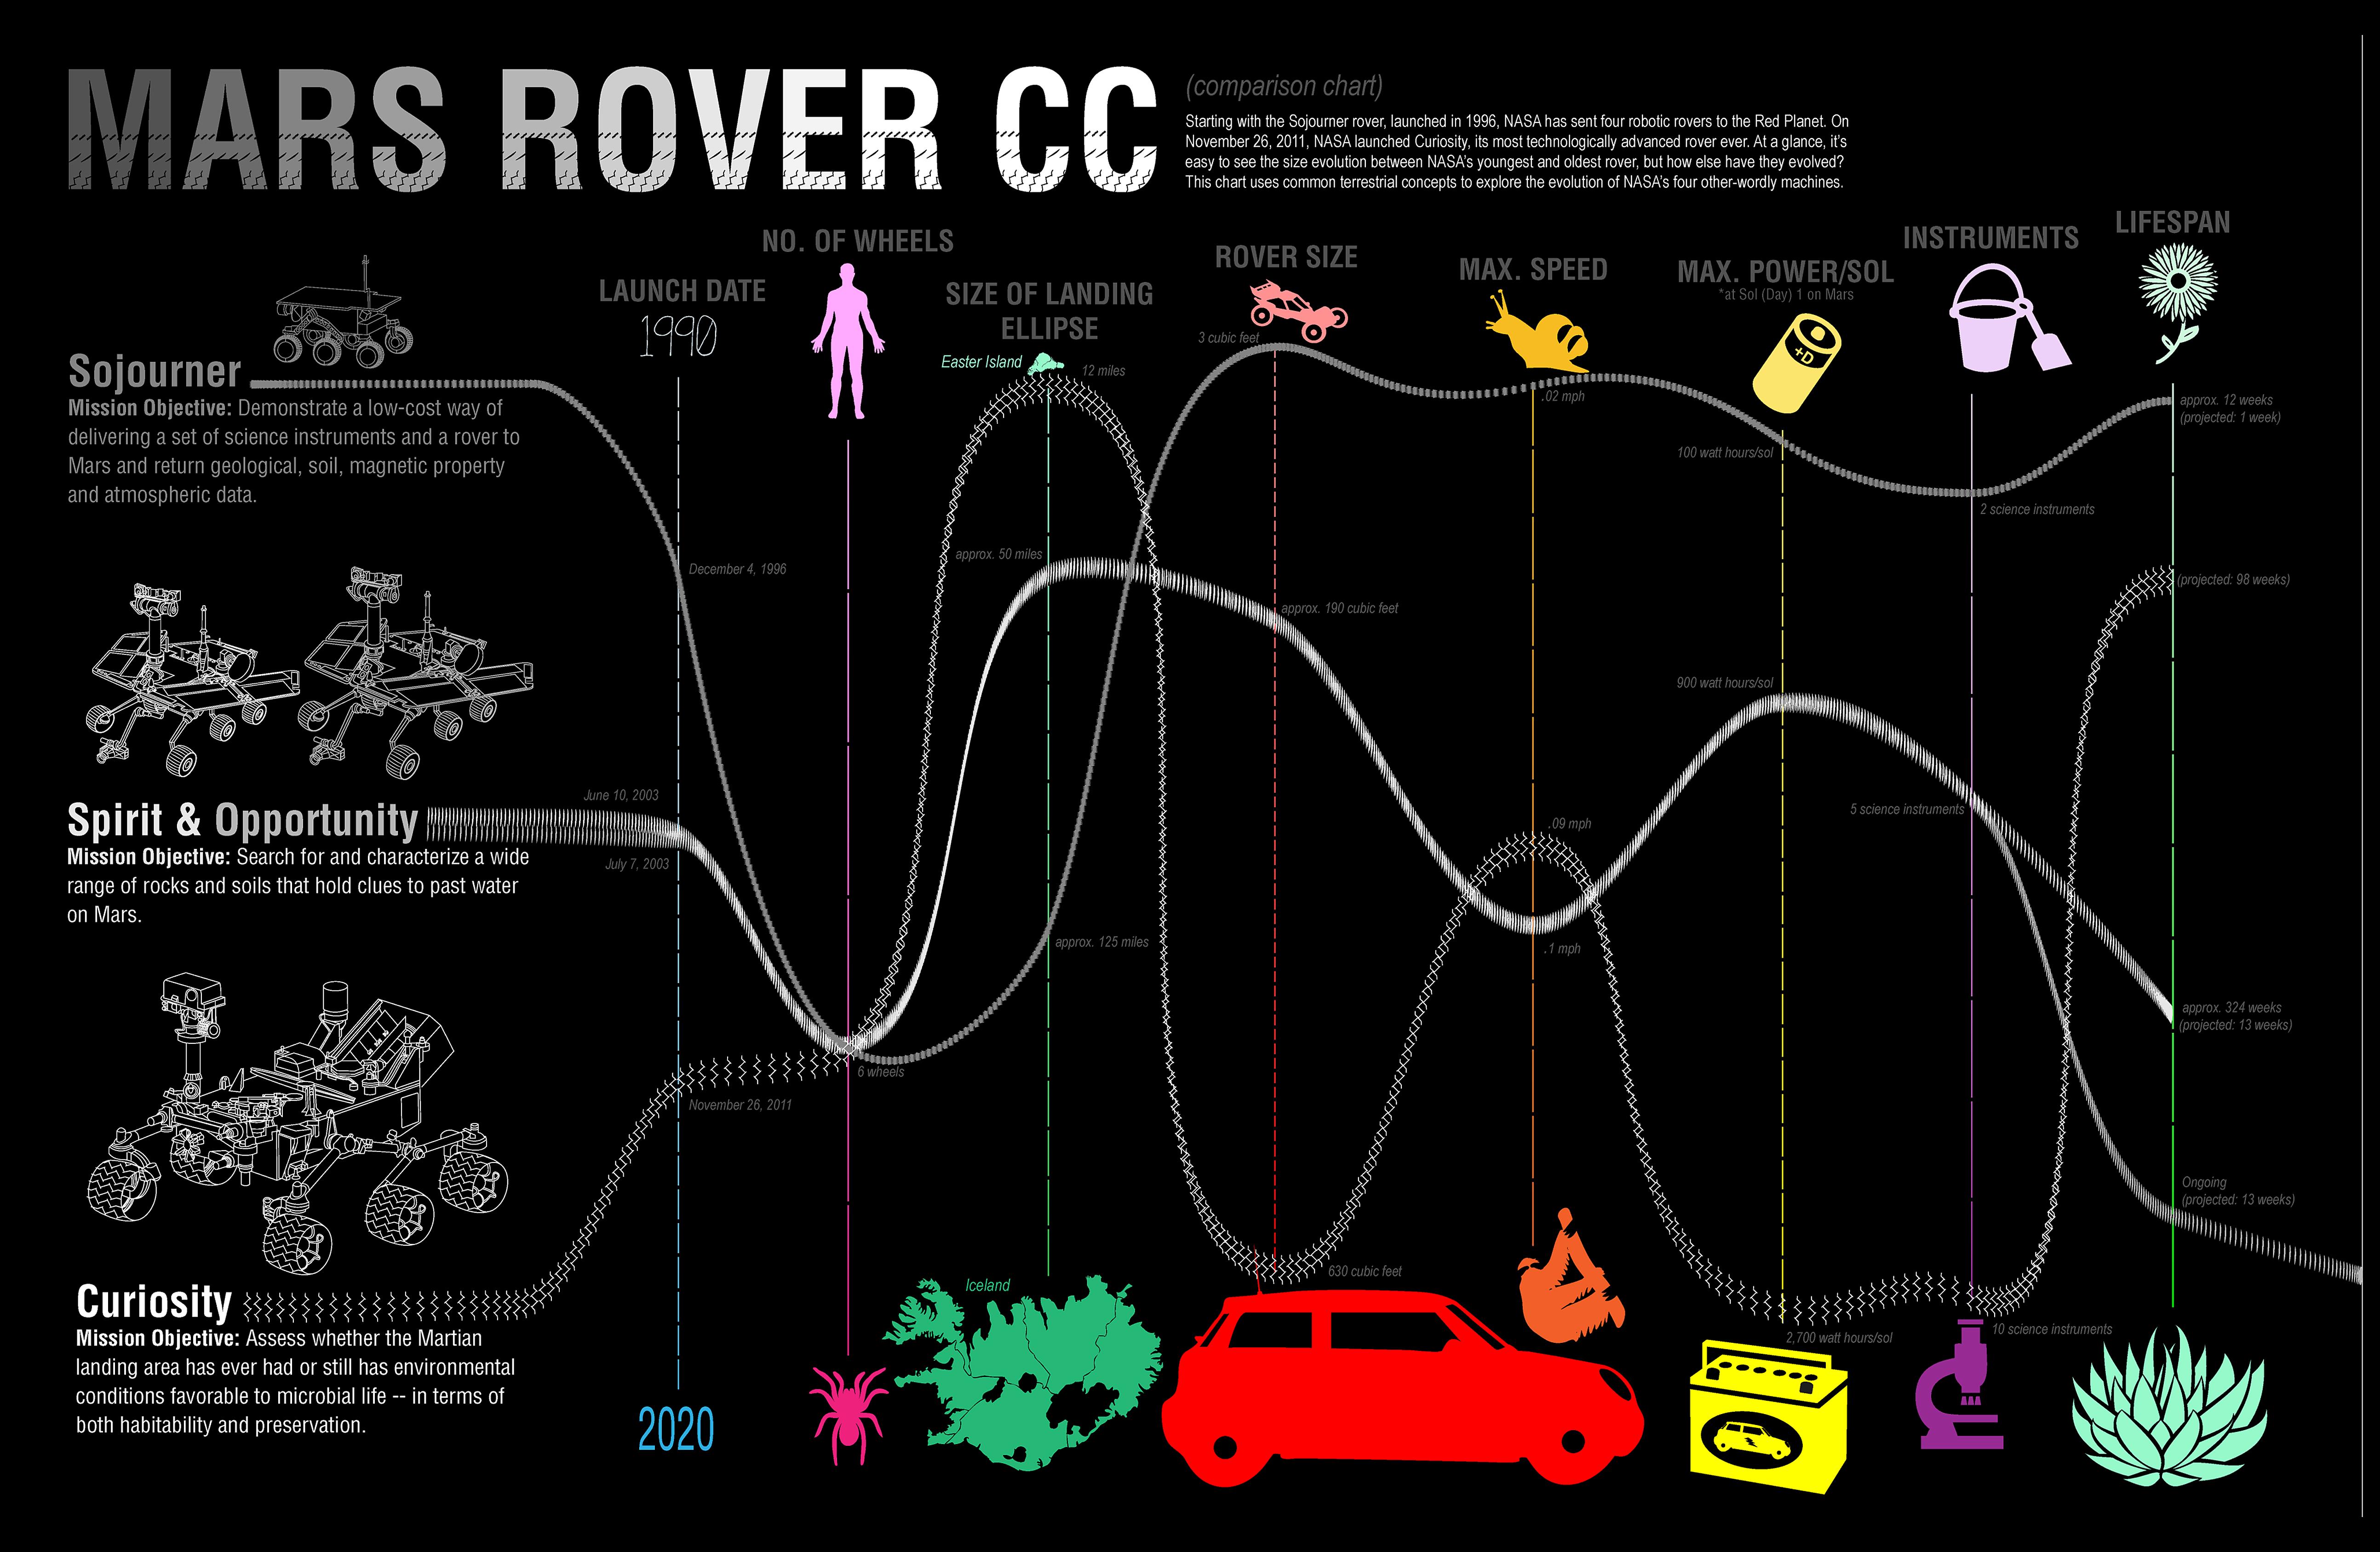 rover_cc